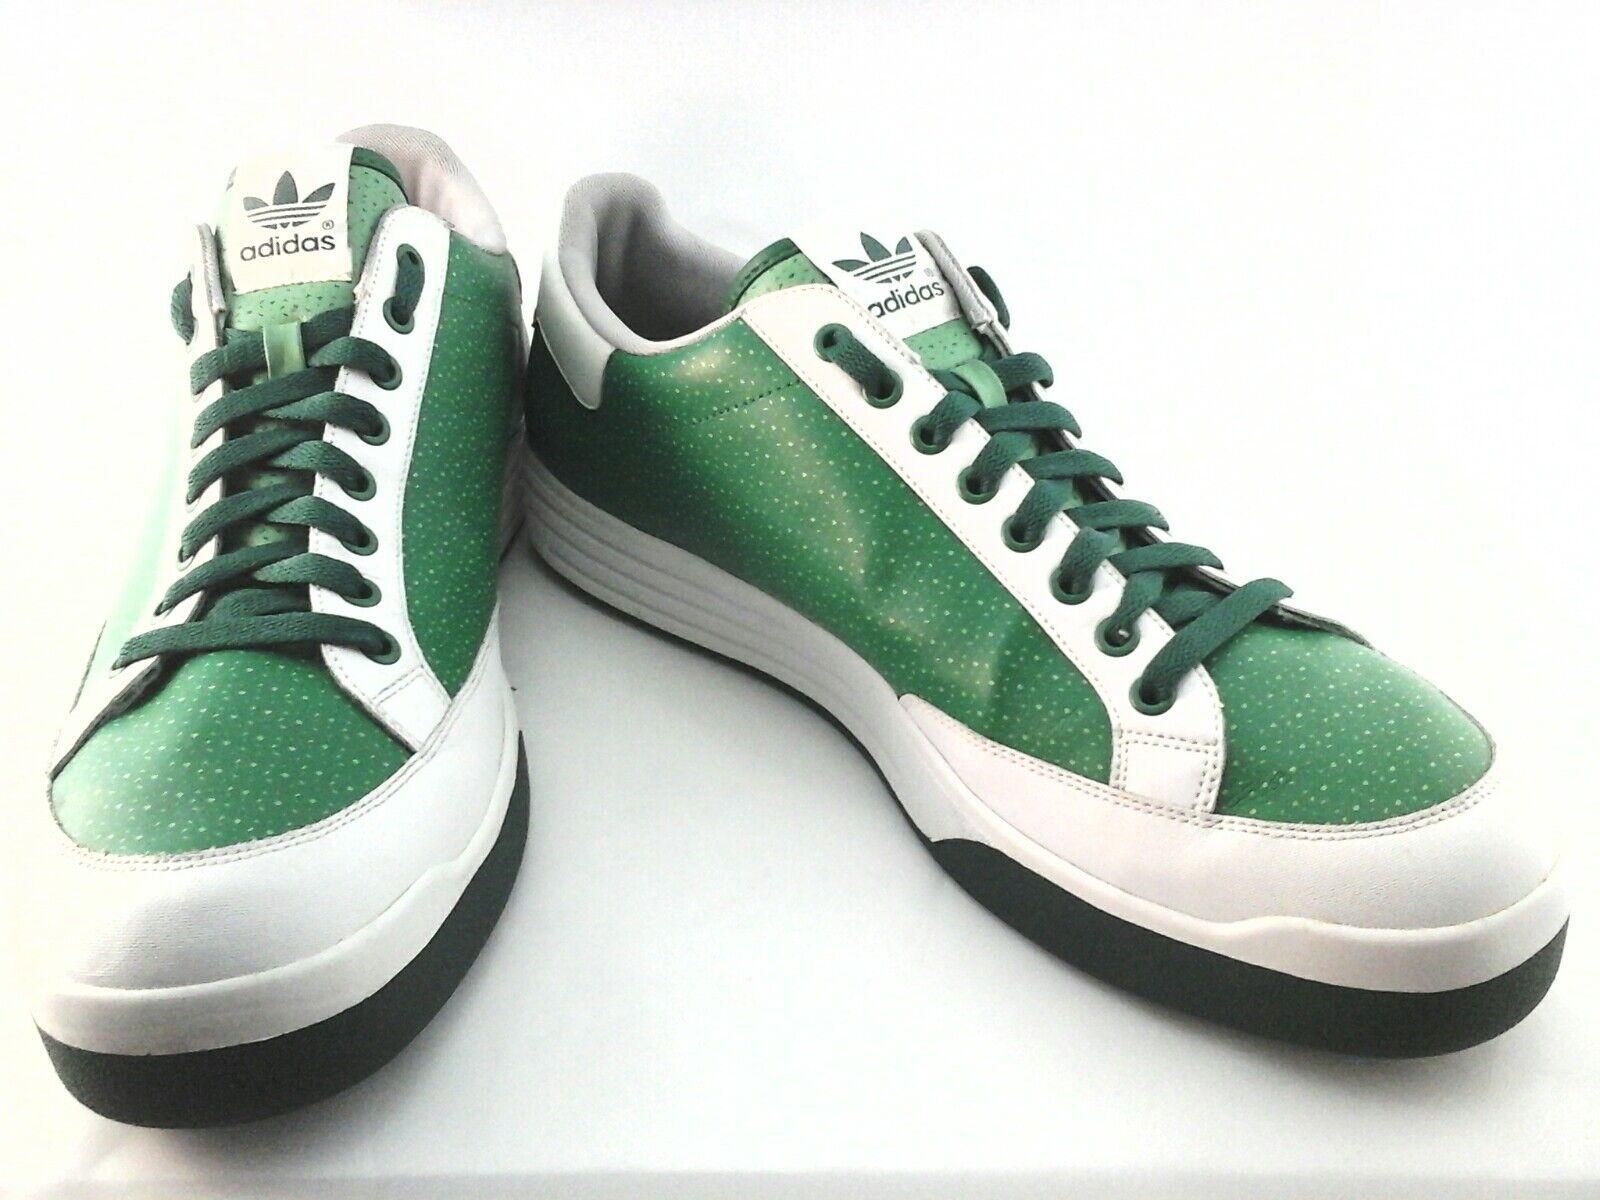 outlet store 9416e 49fc8 Adidas Rod Rod Rod Laver Tenis Deportivas Zapatos para hombre Blanco Verde  2018 US 15 3 excelente condición usada poco común d6fd12